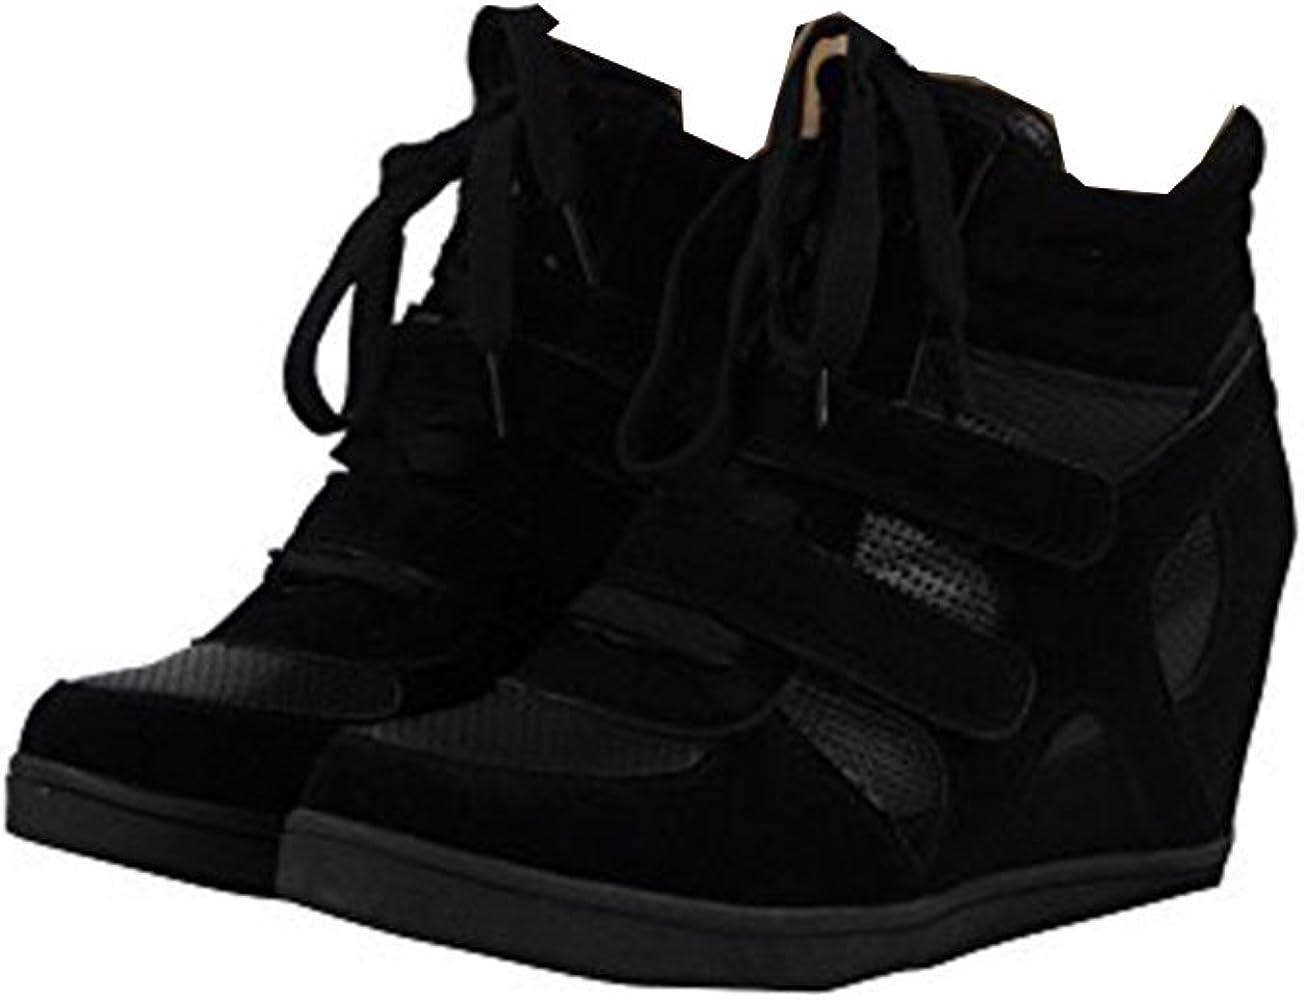 Chaussures femme compensées Baskets Sz 3-8